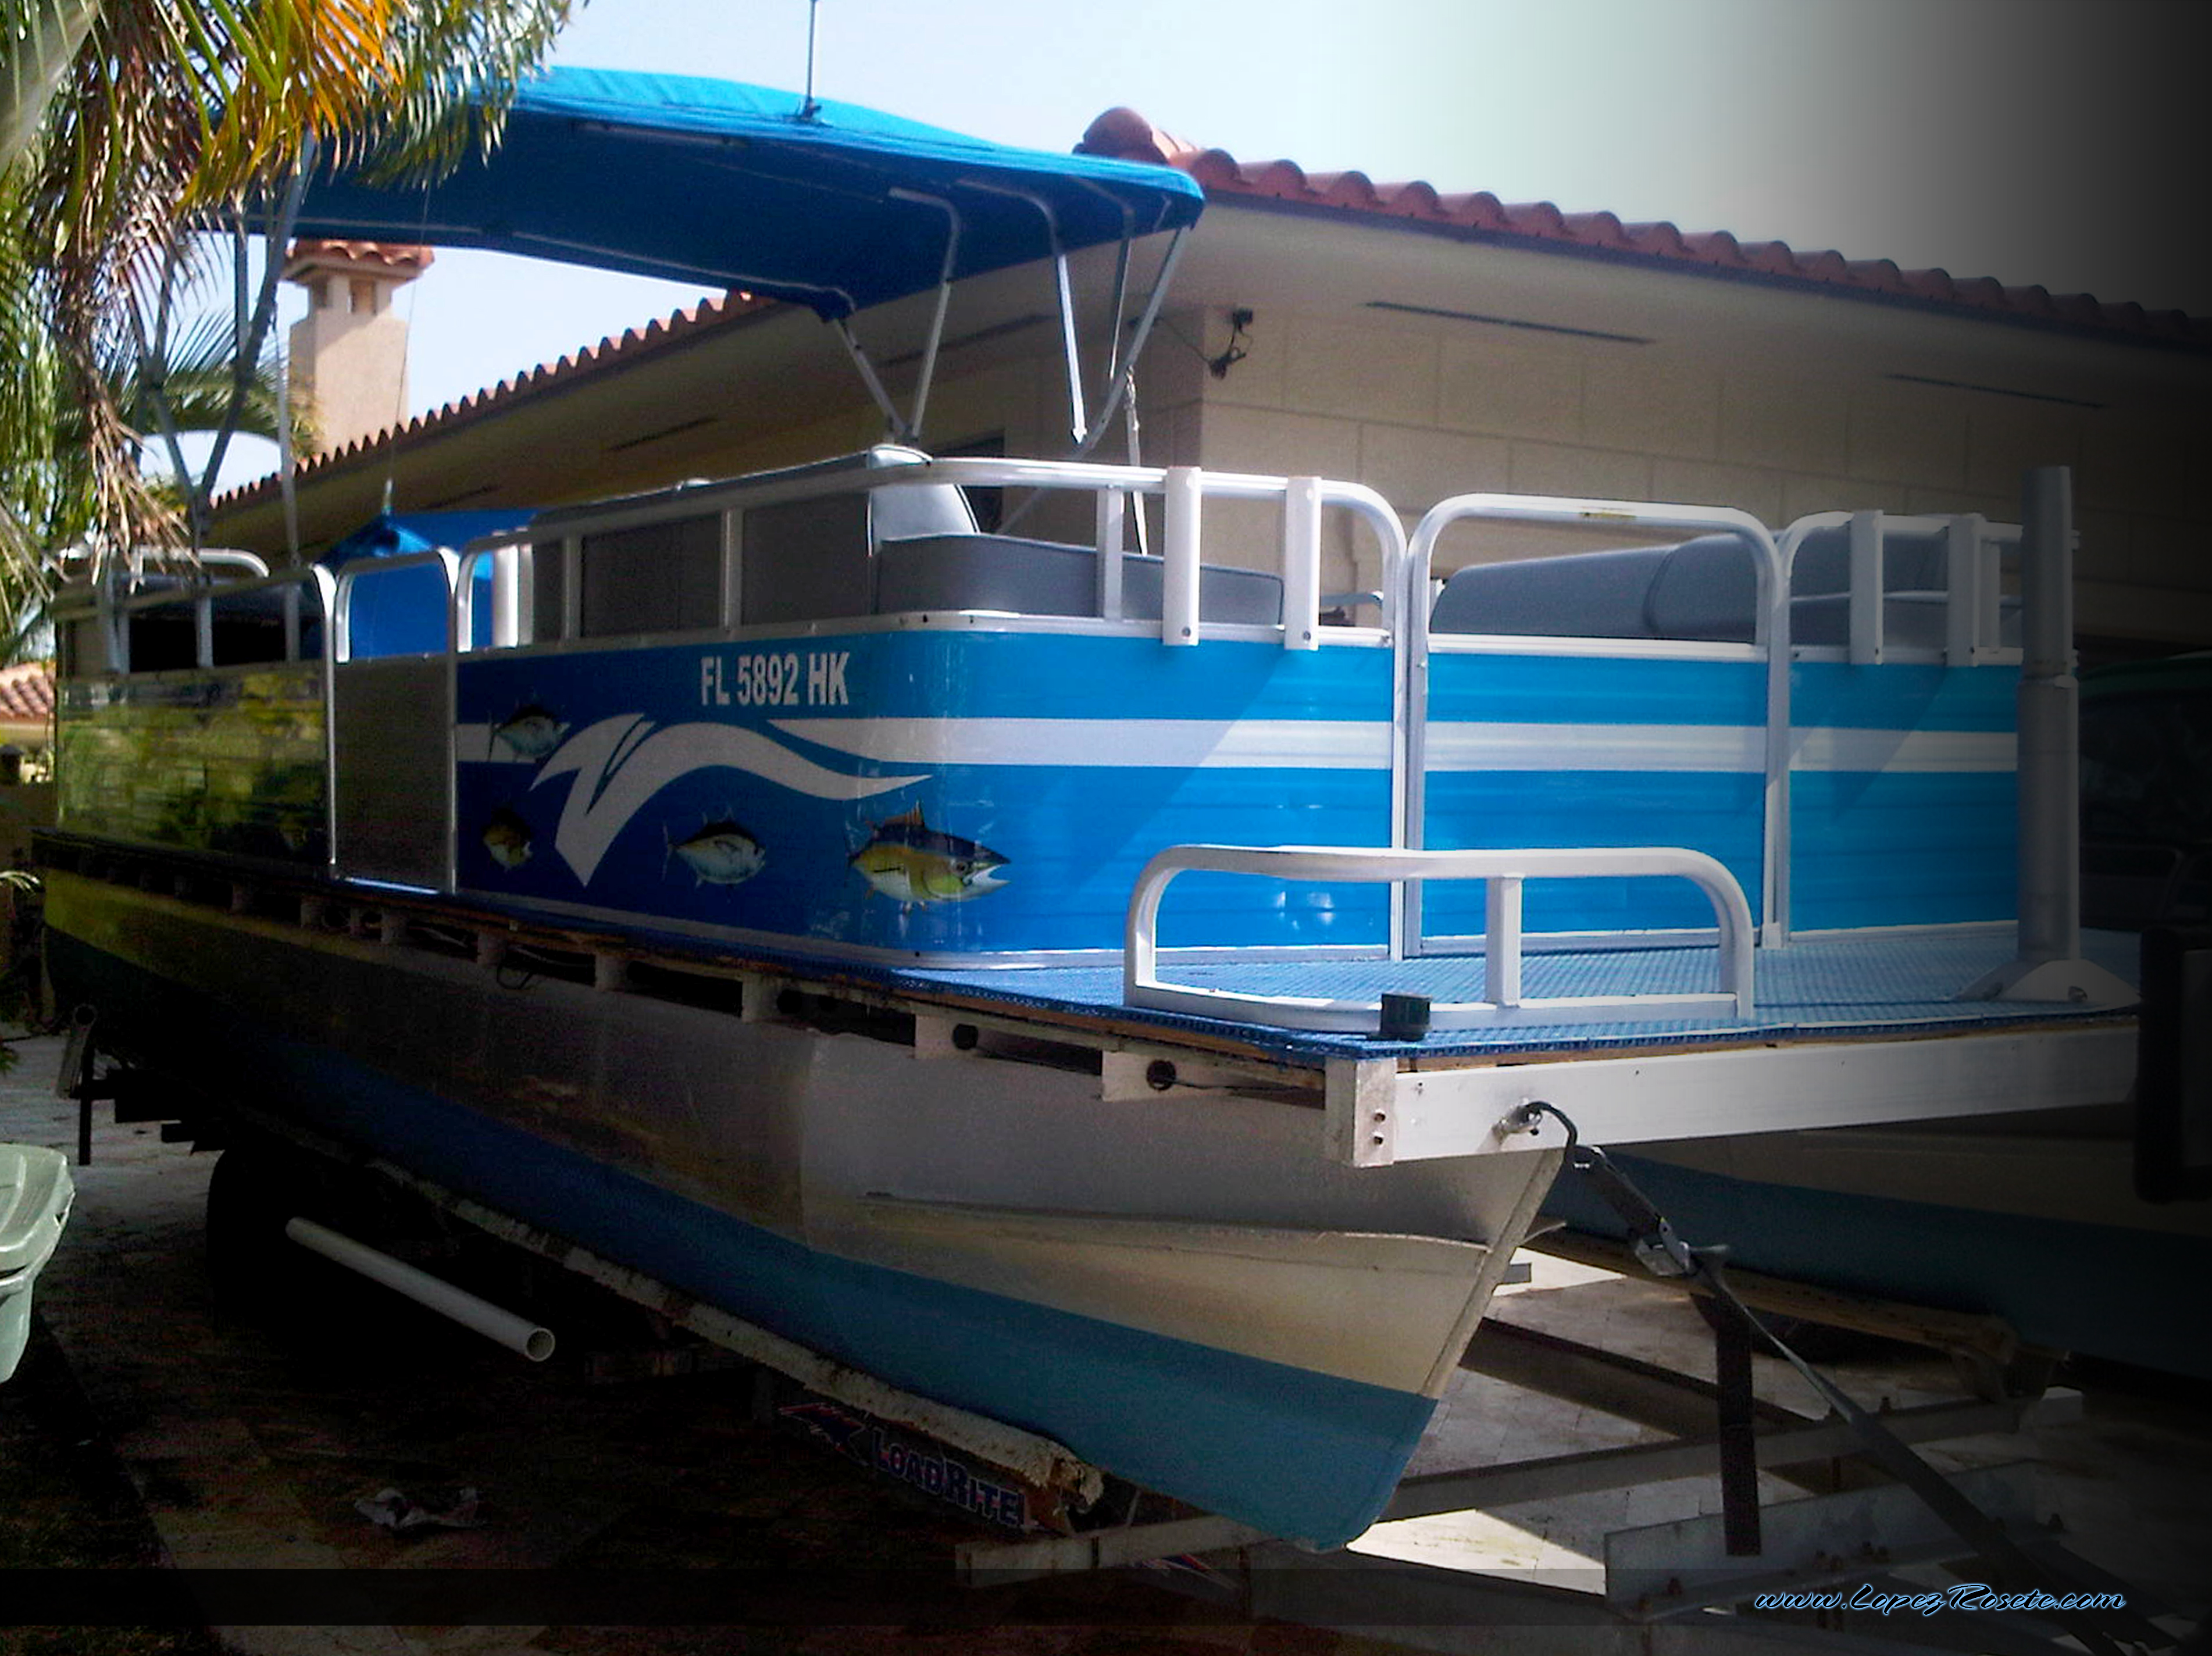 BoatWrap2